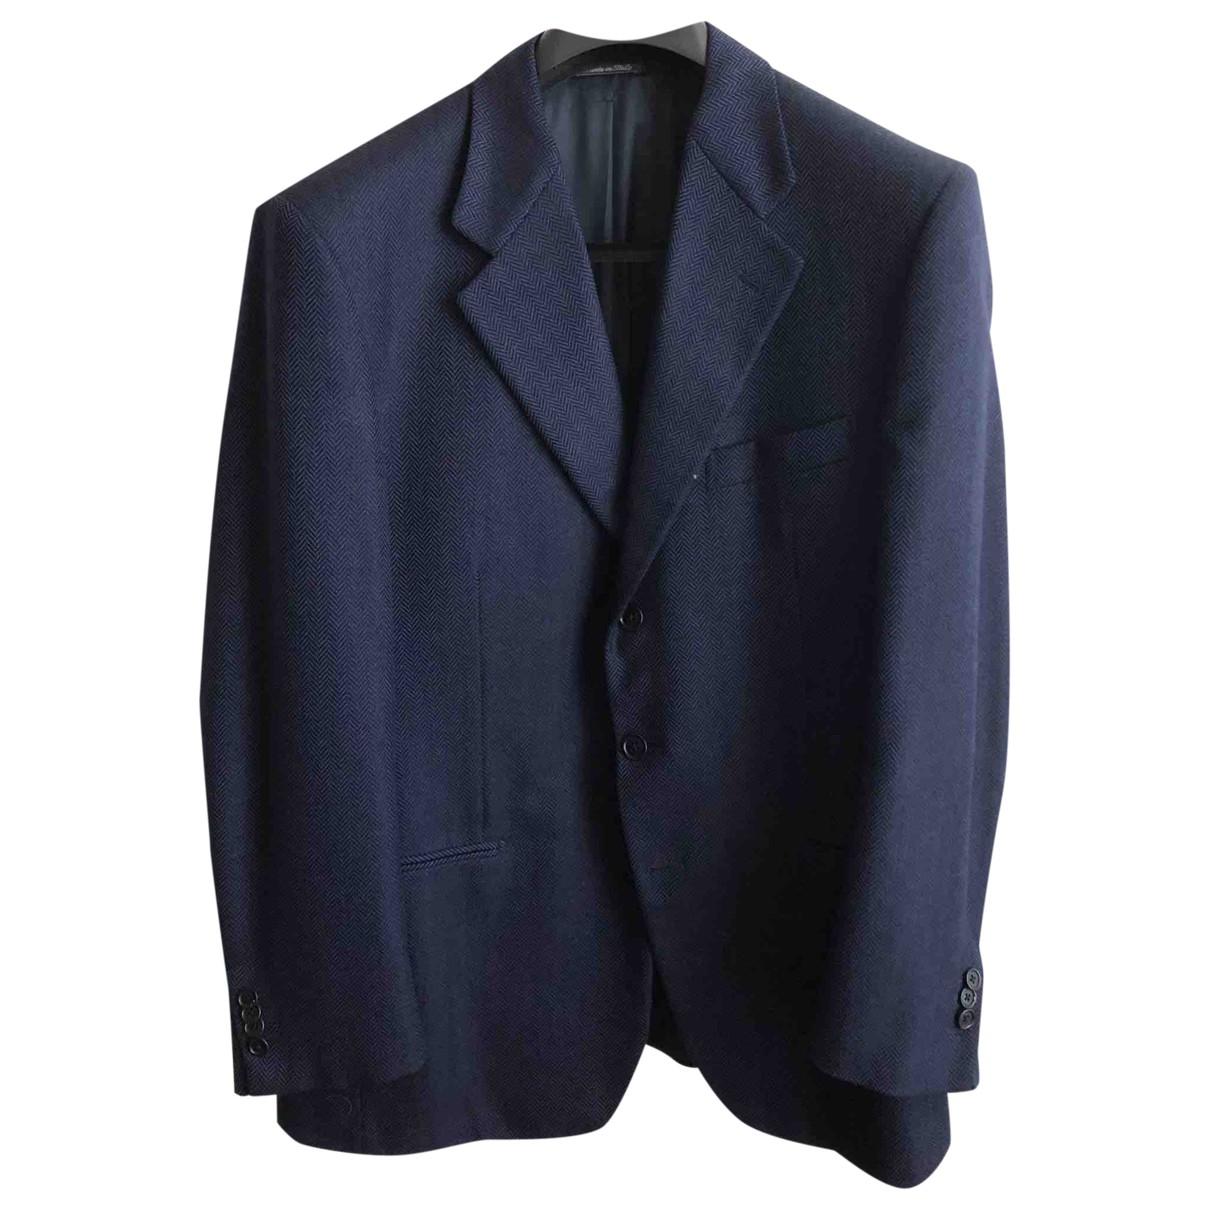 Tombolini \N Jacke in  Blau Wolle